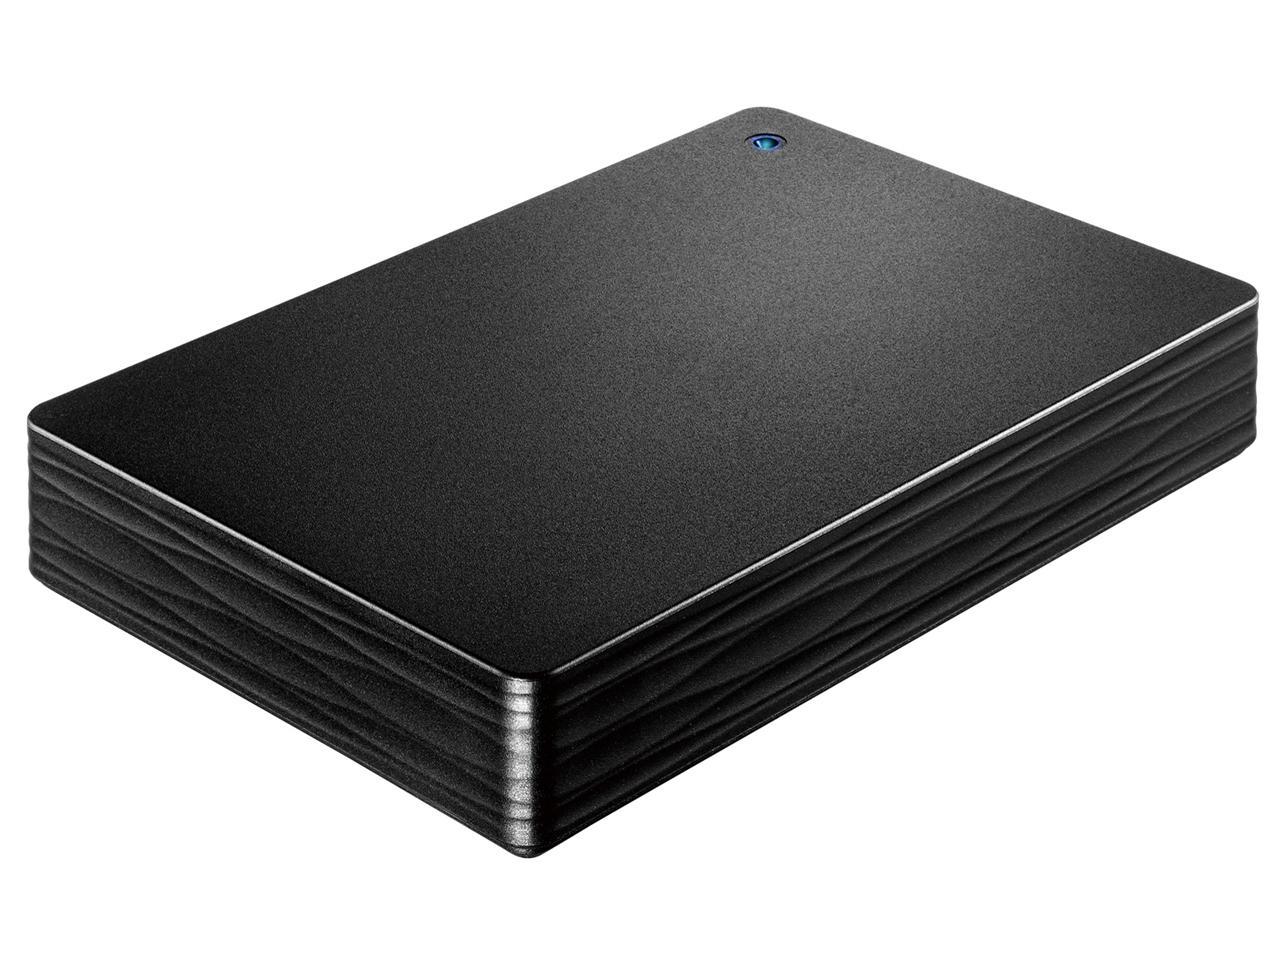 アイ・オー・データ機器 USB 3.1 Gen 1/2.0 ポータブルHDD「カクうす Lite」ブラック 5TB(HDPH-UT5DKR)【smtb-s】